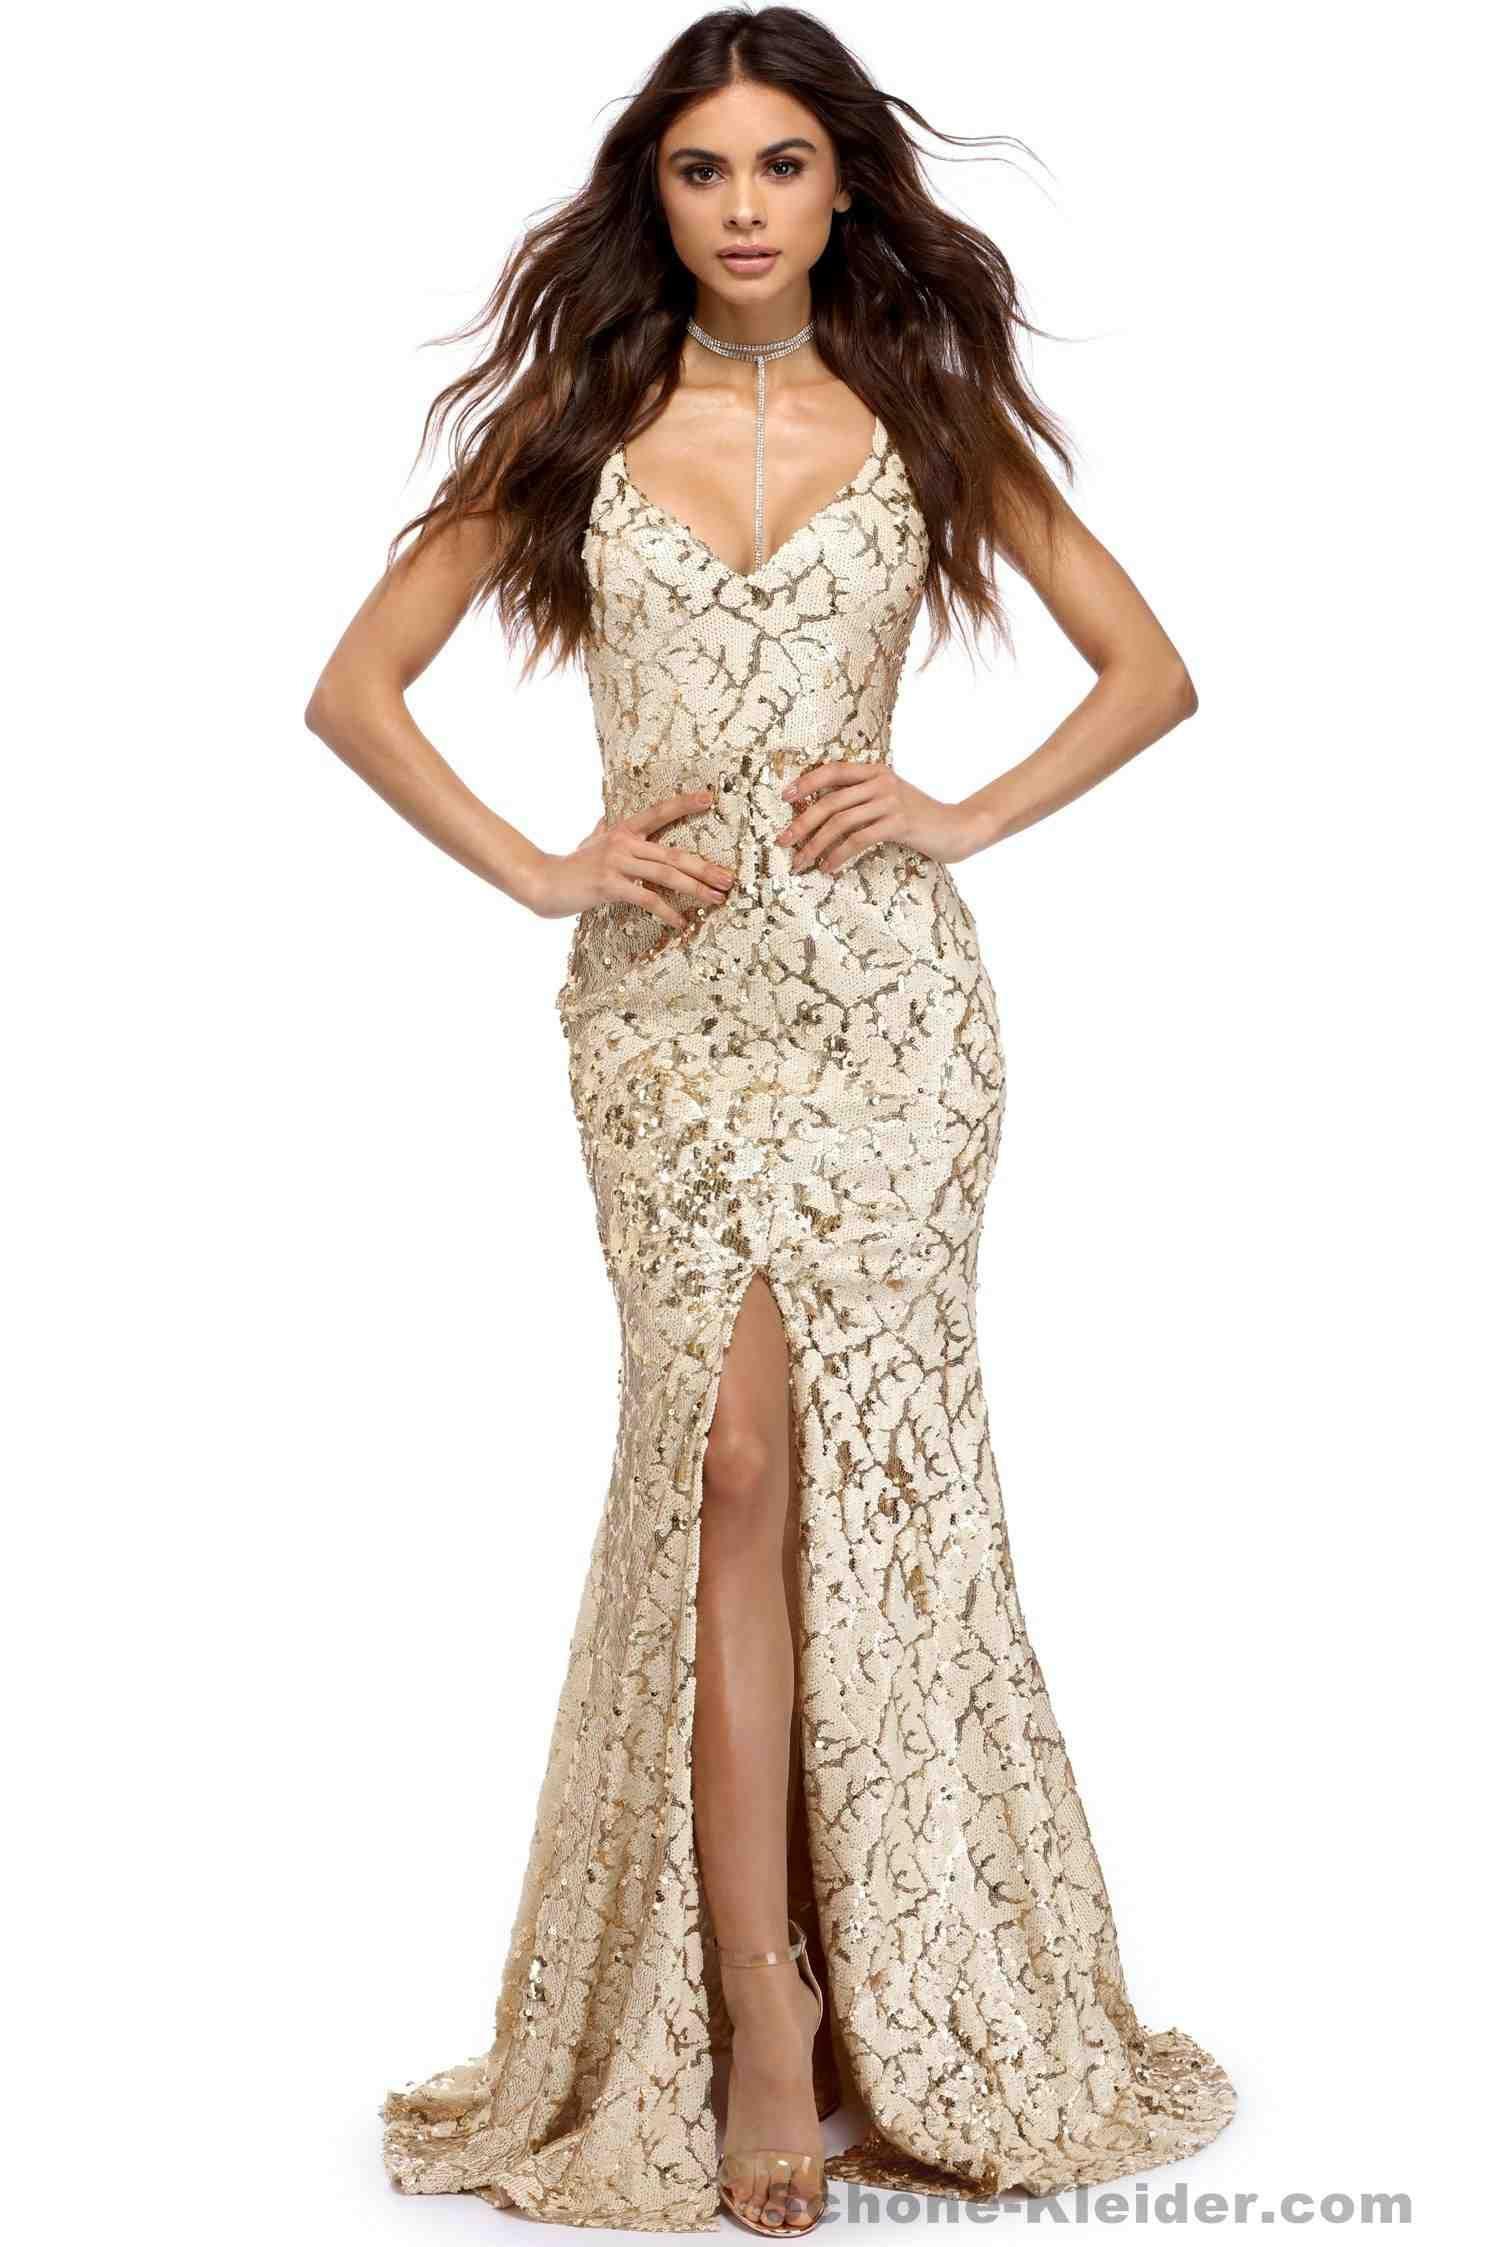 Formal Genial Schicke Kleider BoutiqueAbend Elegant Schicke Kleider Boutique